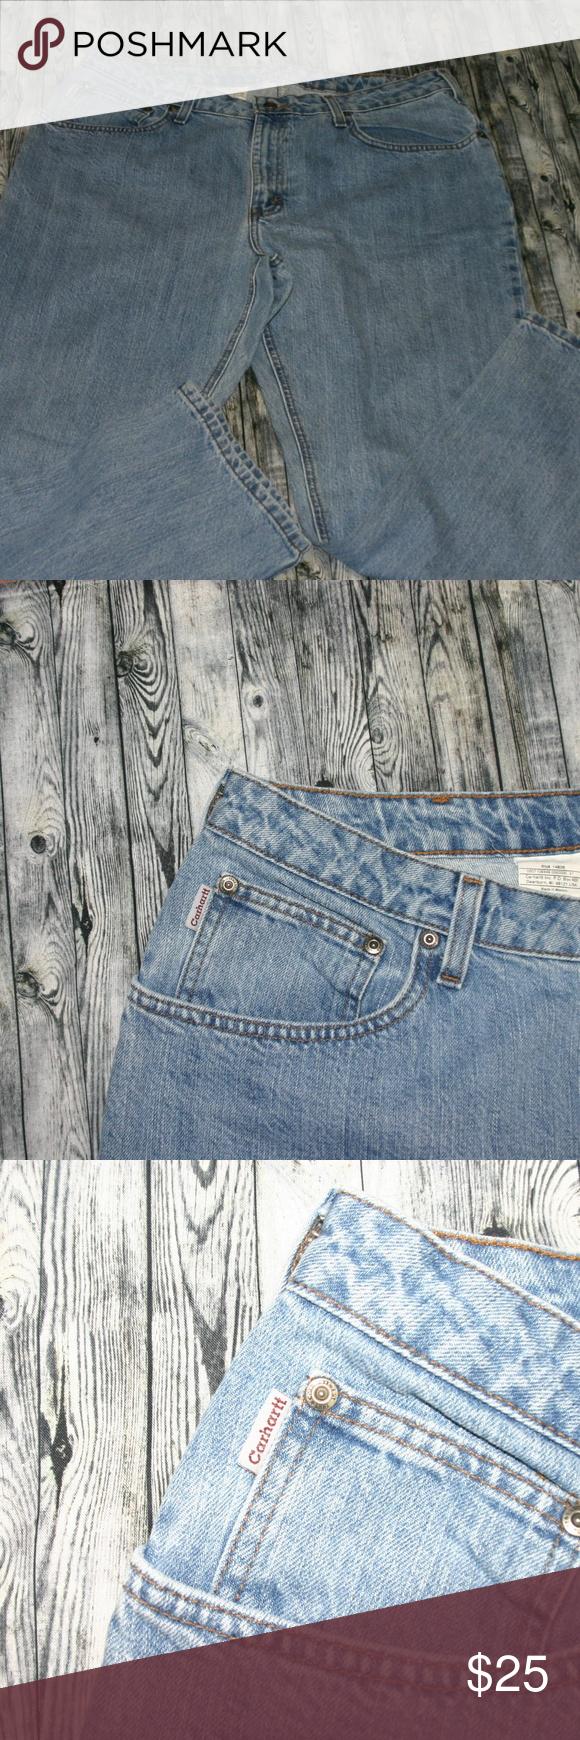 Carhartt women jean plus size 16 x 30. No stretch Carhartt Jeans Boot Cut #carharttwomen